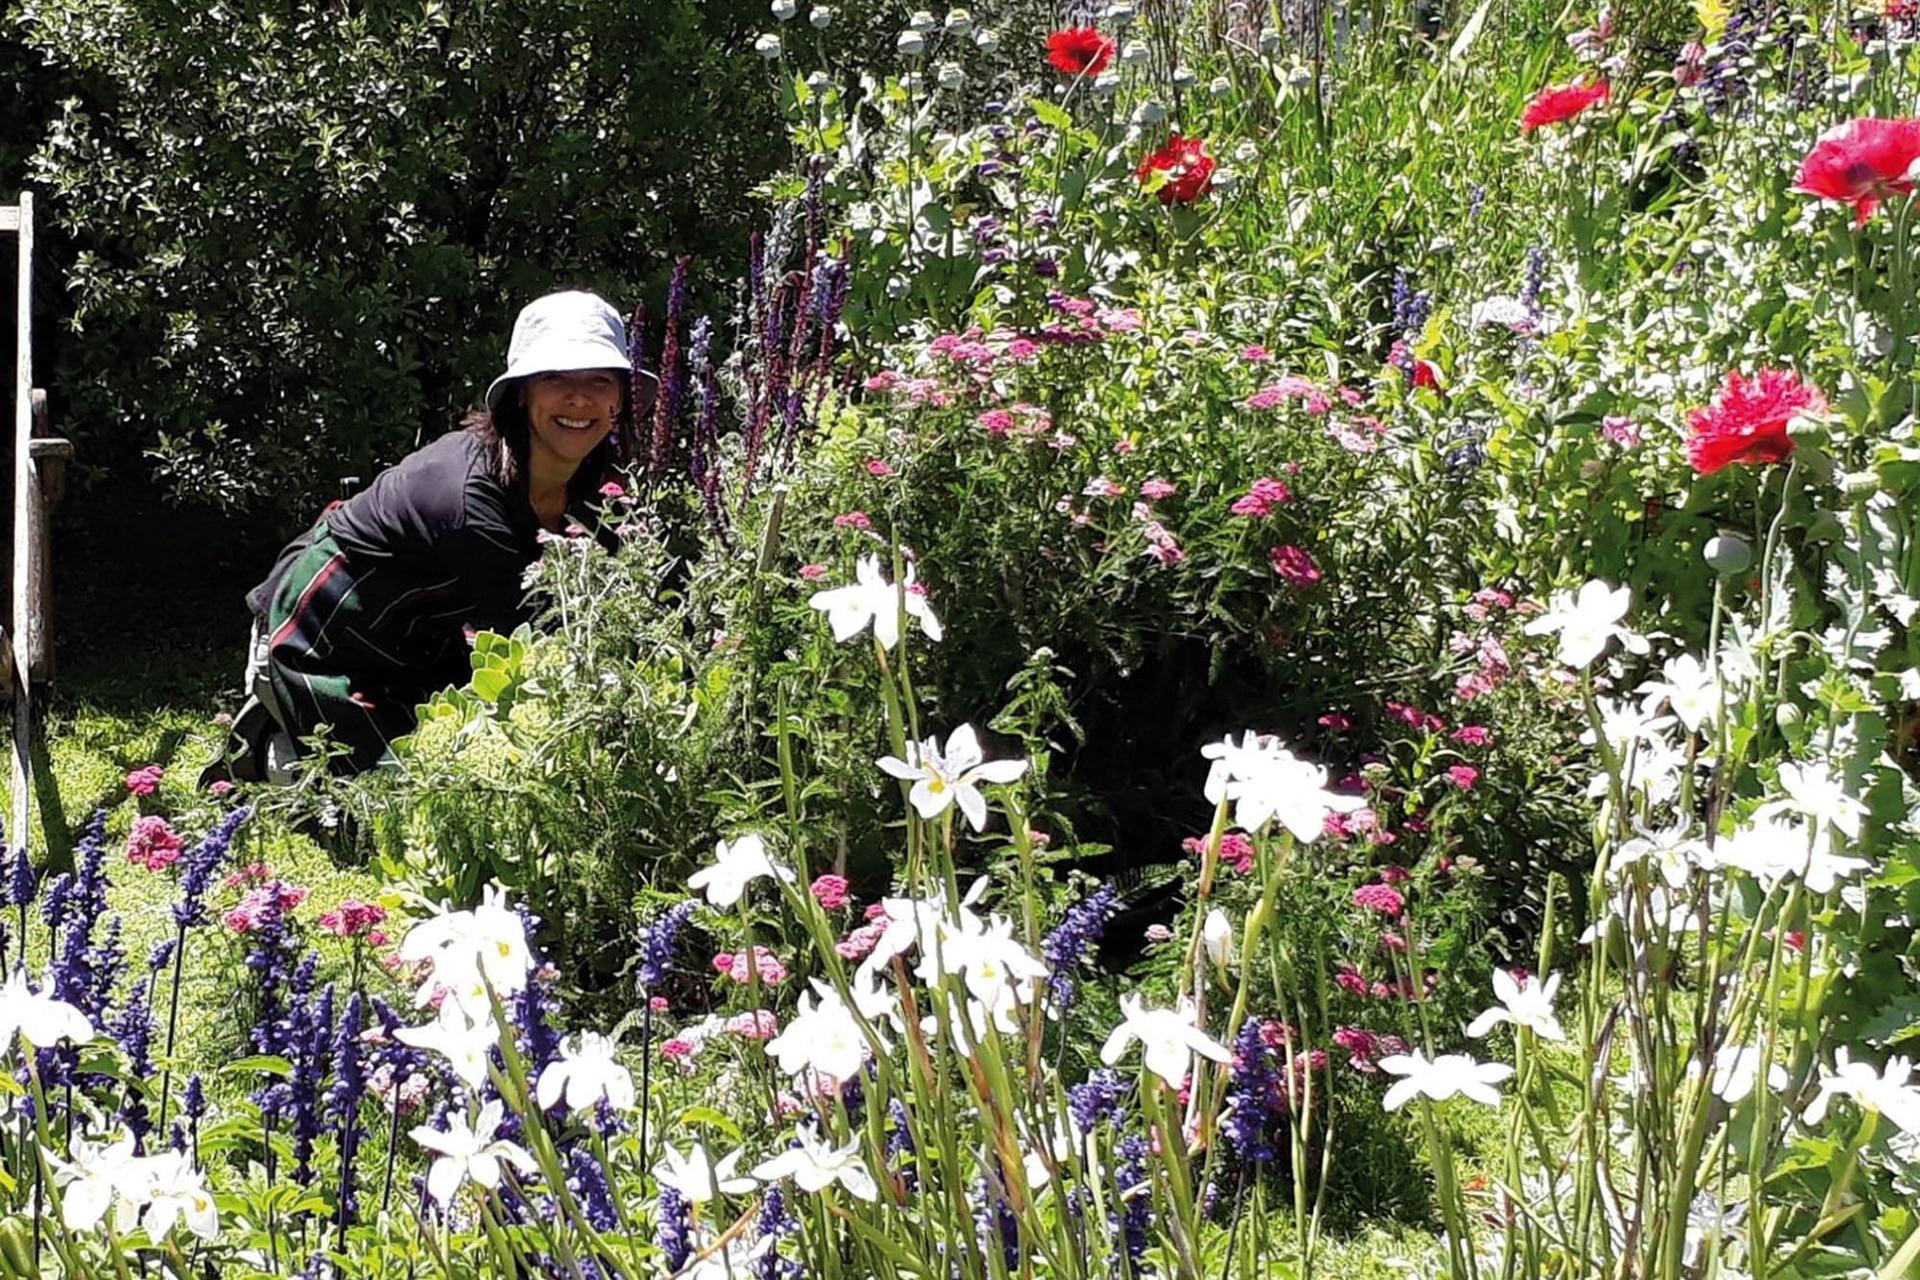 Silvina Antelo da talleres de control biológico, de calendario biodinámico y de siembra. Además se dedica a la producción de semillas y plantines con su emprendimiento savbiasemilla.